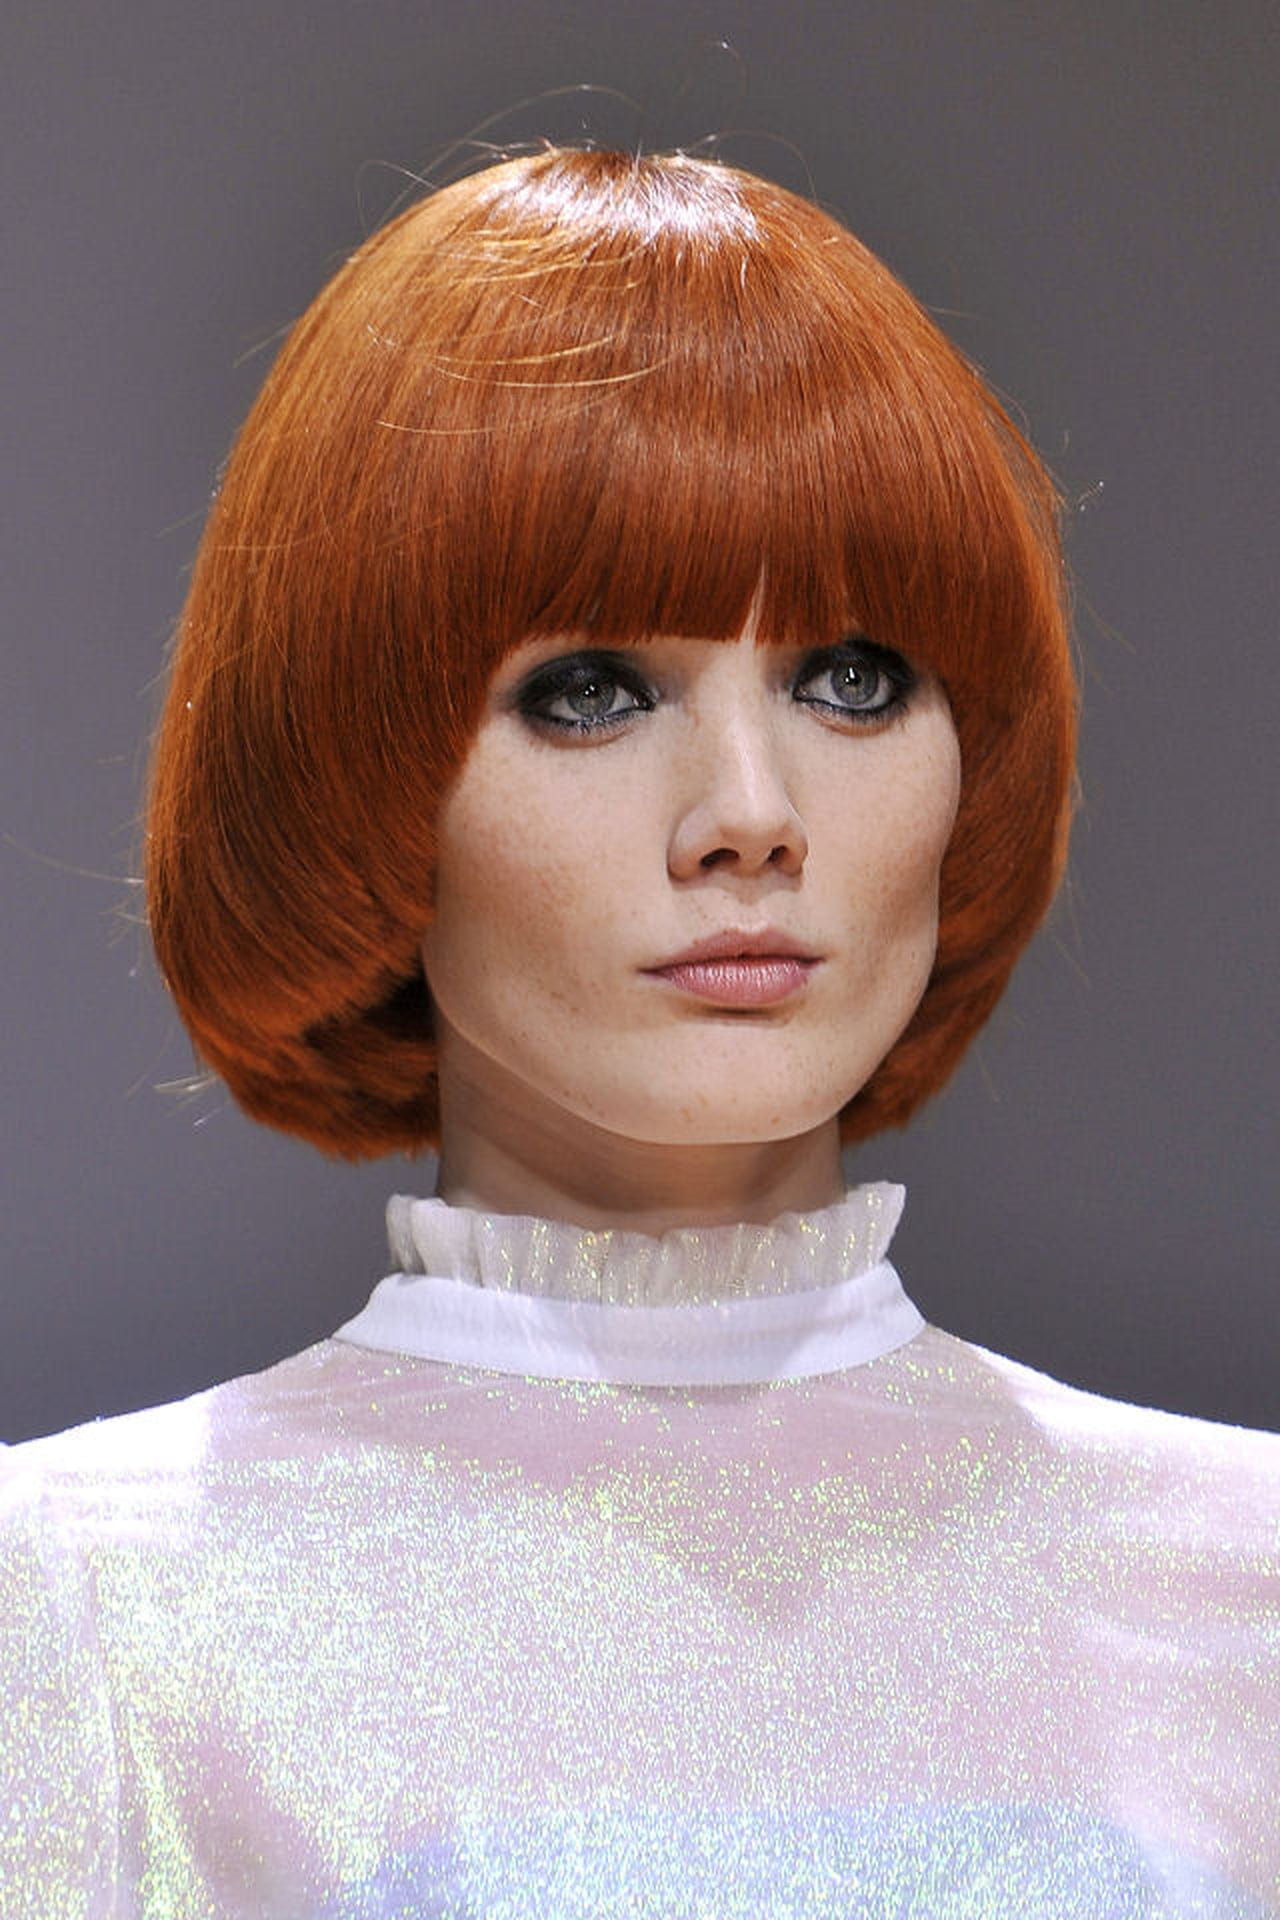 Acconciature anni '60: i look vintage - Magazine delle donne